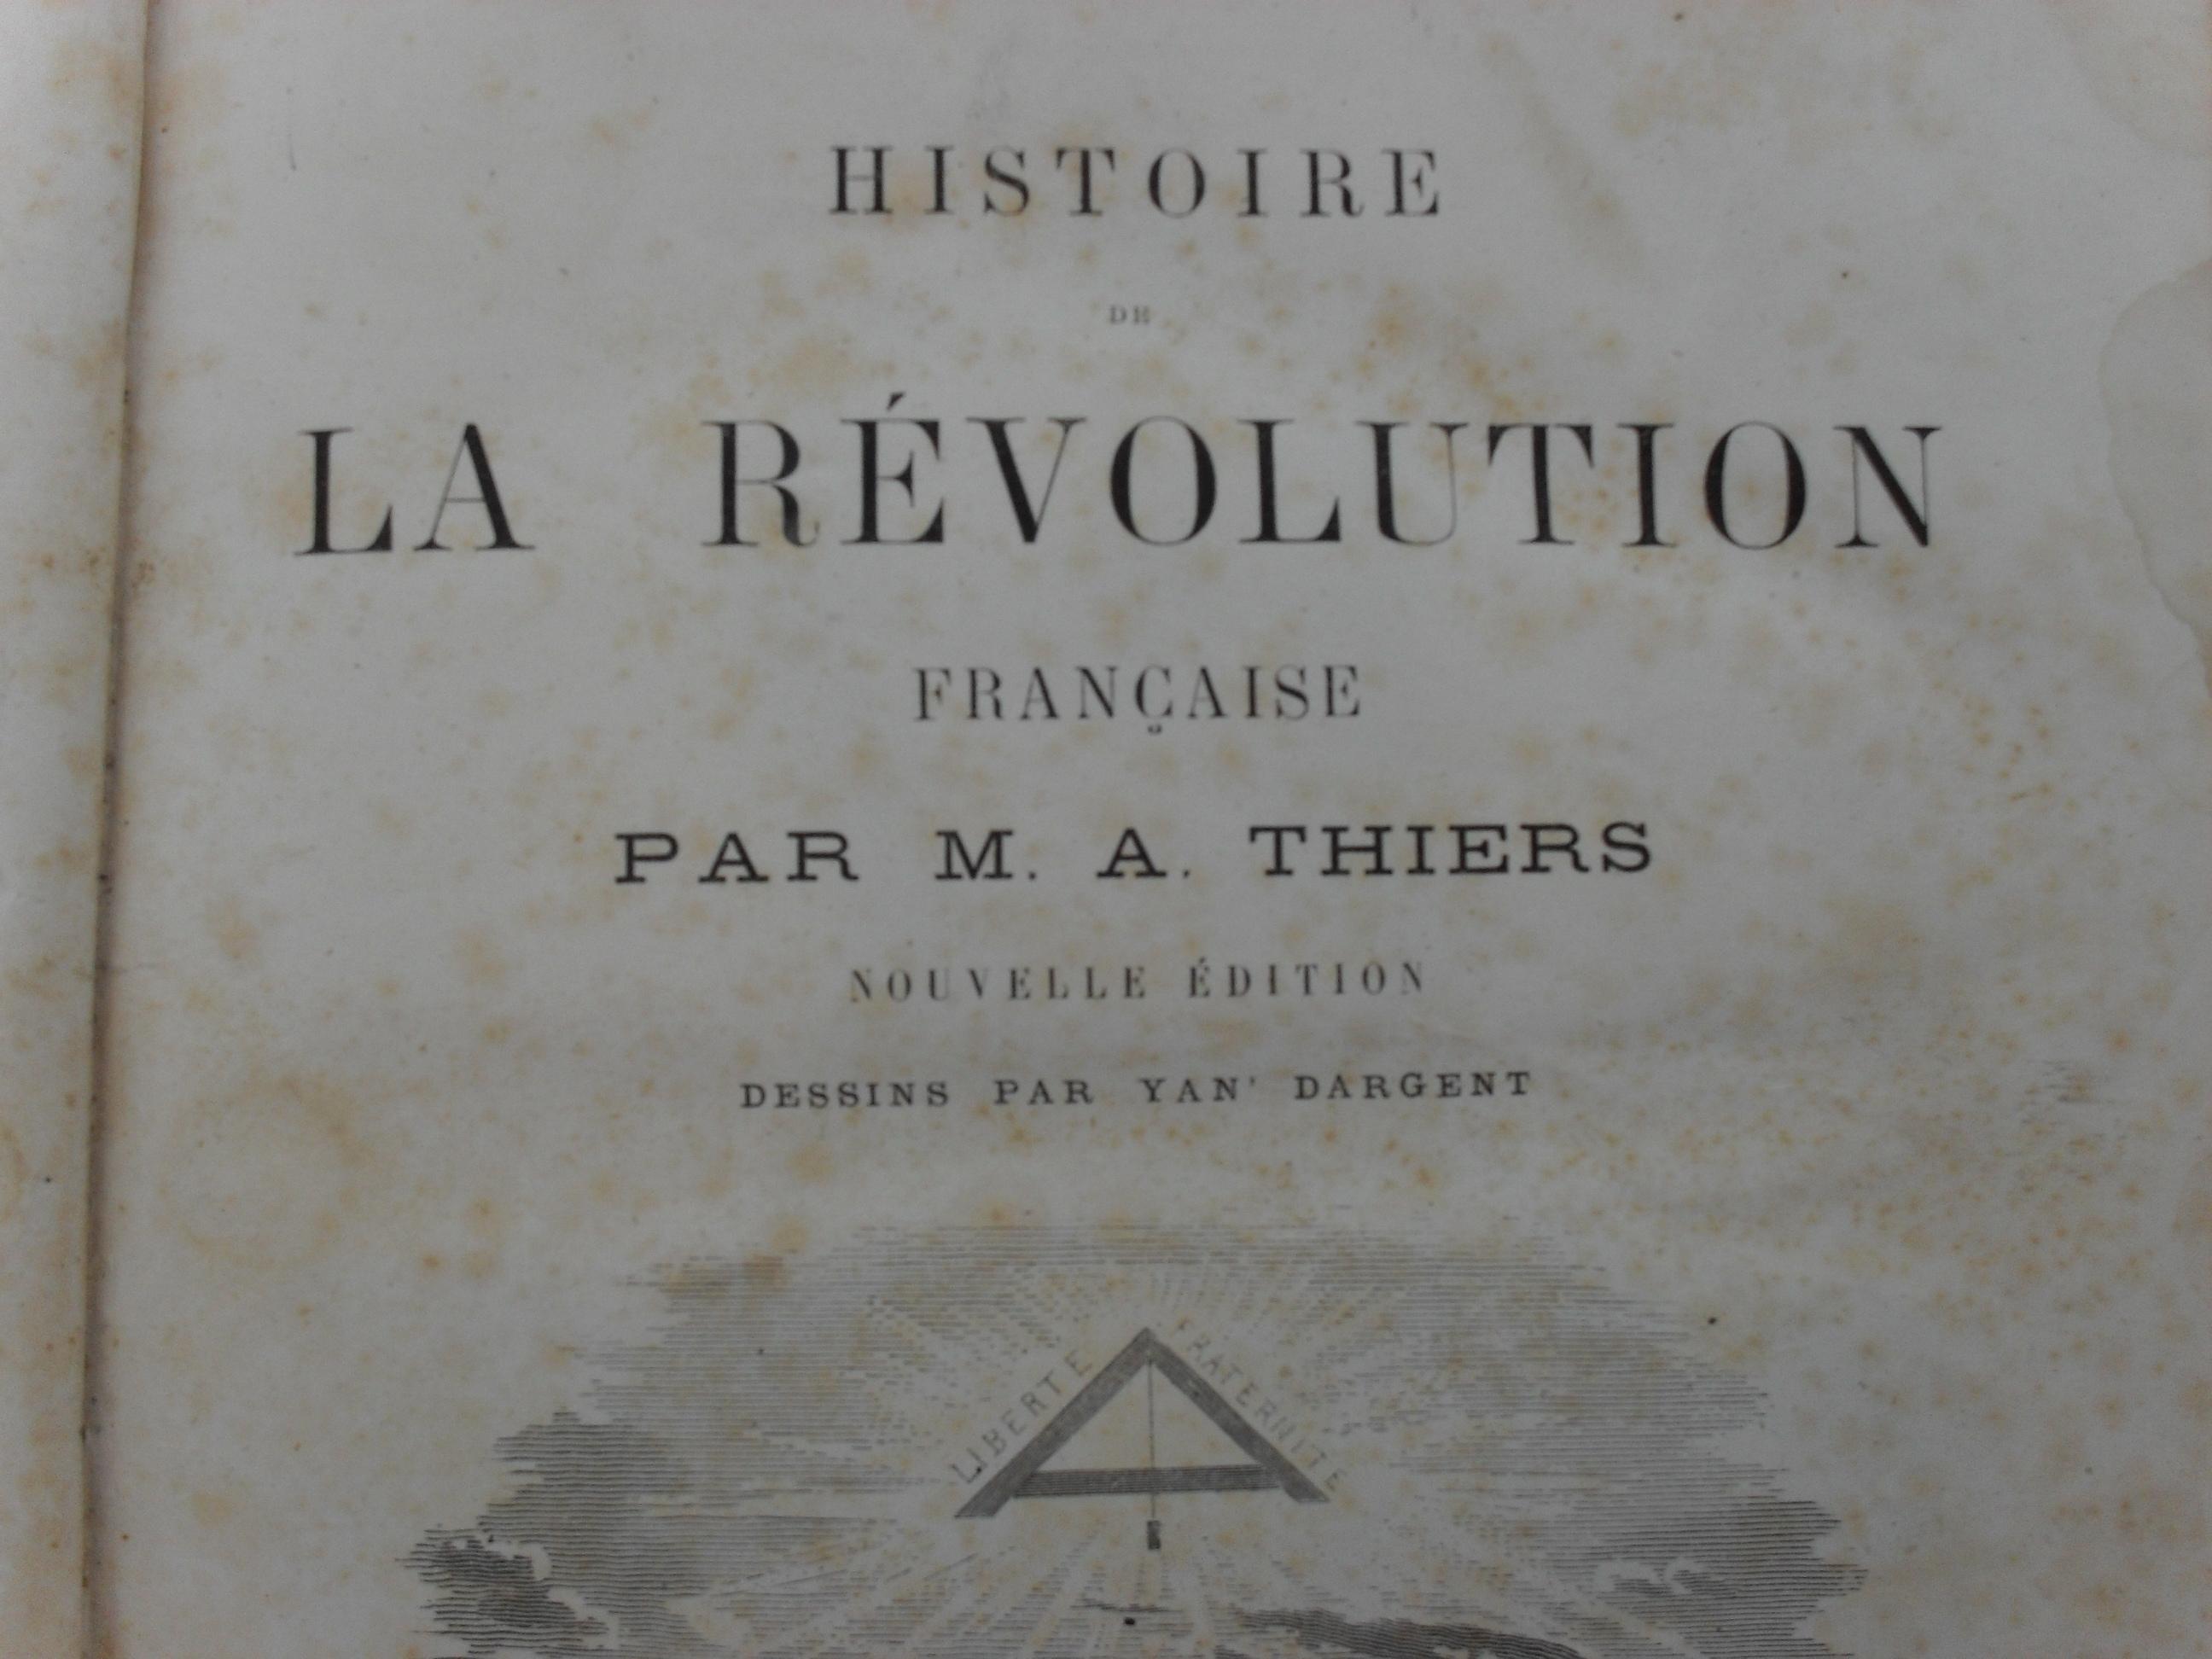 https://upload.wikimedia.org/wikipedia/commons/8/8f/Première_page_de_l%27Histoire_de_la_Révolution_française%2C_par_Adolphe_Thiers.jpg